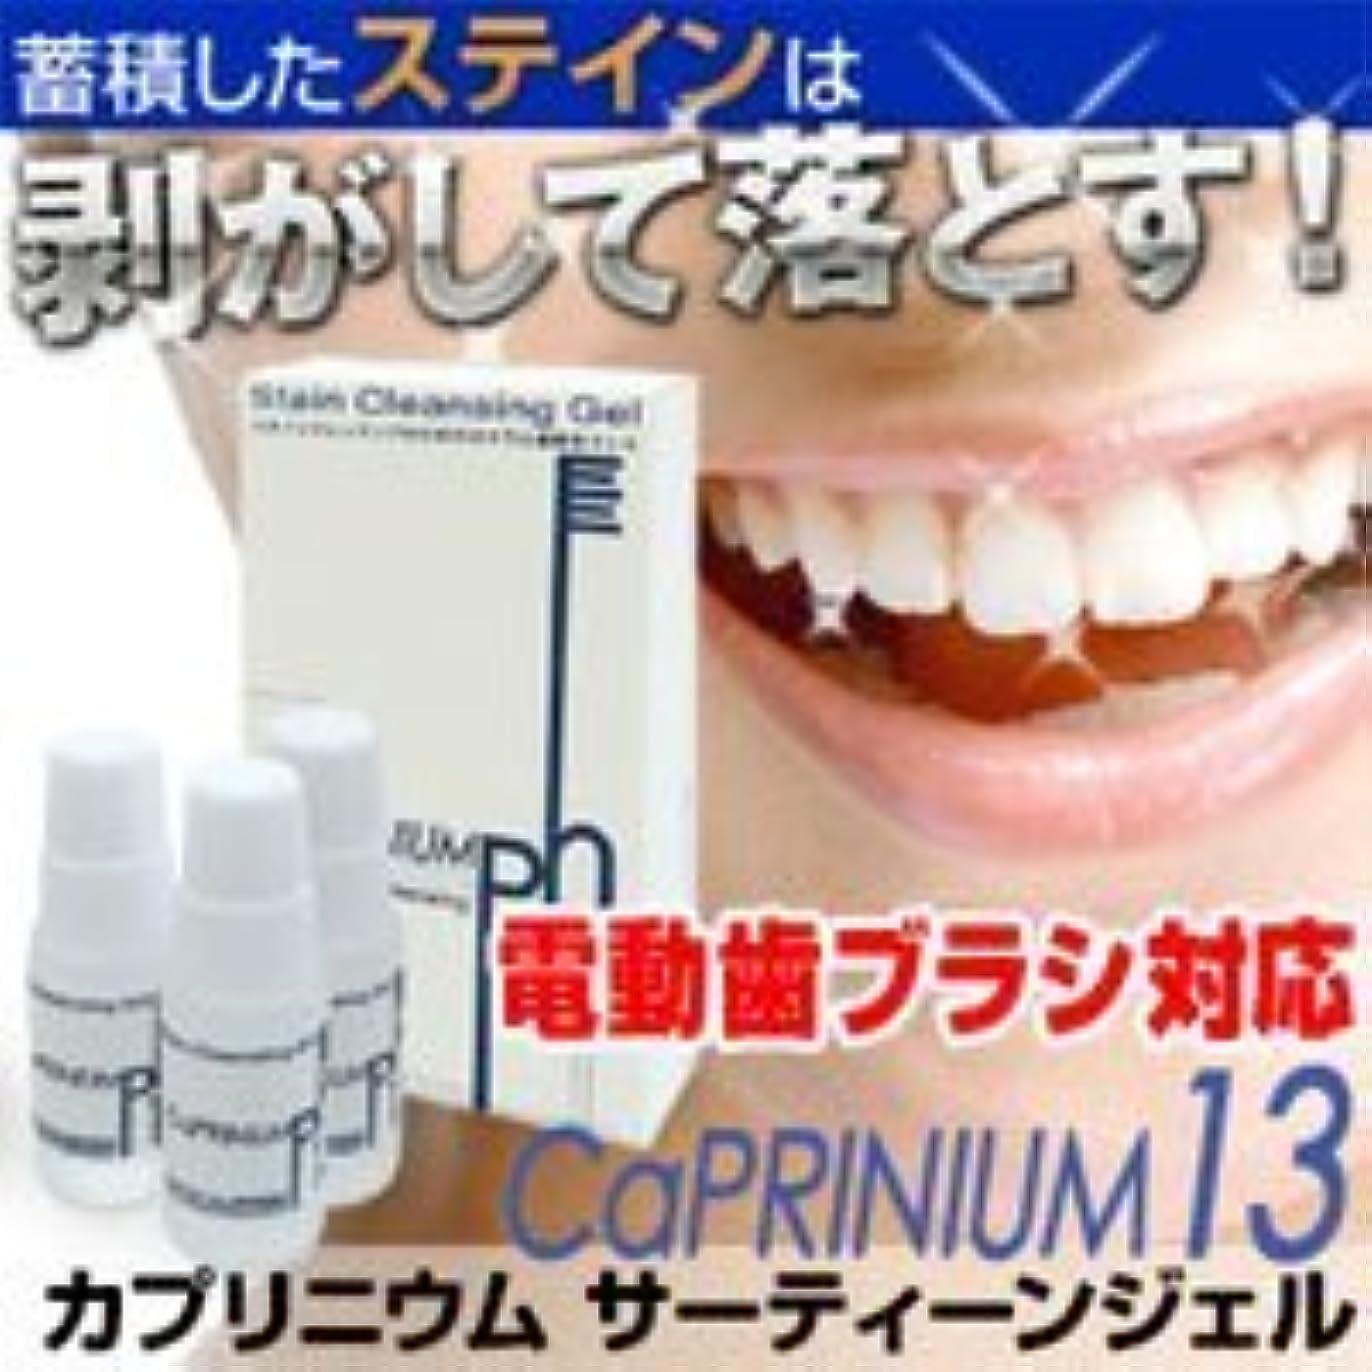 虹岸肌カプリジェル(カプリニウムサーティーンジェル)10g×3個(1か月分) 電動歯ブラシ対応歯磨きジェル